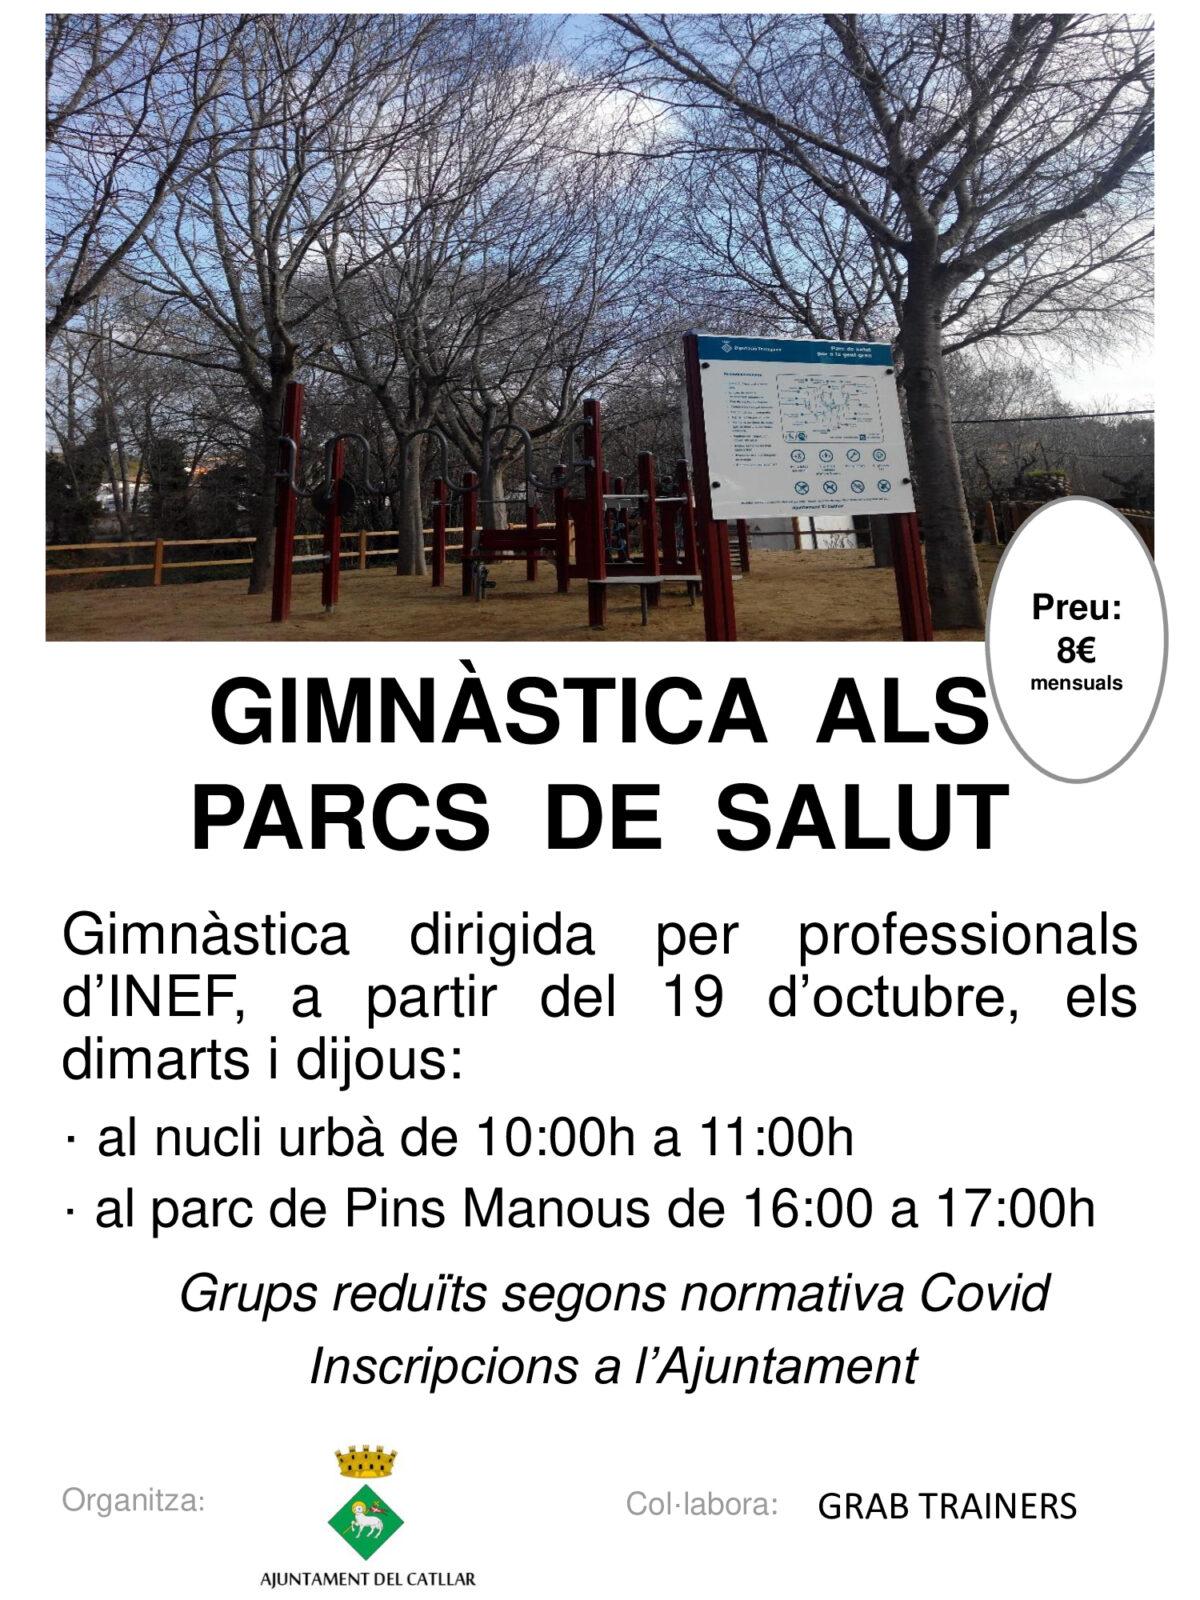 GIMNÀSTICA ALS PARCS DE SALUT